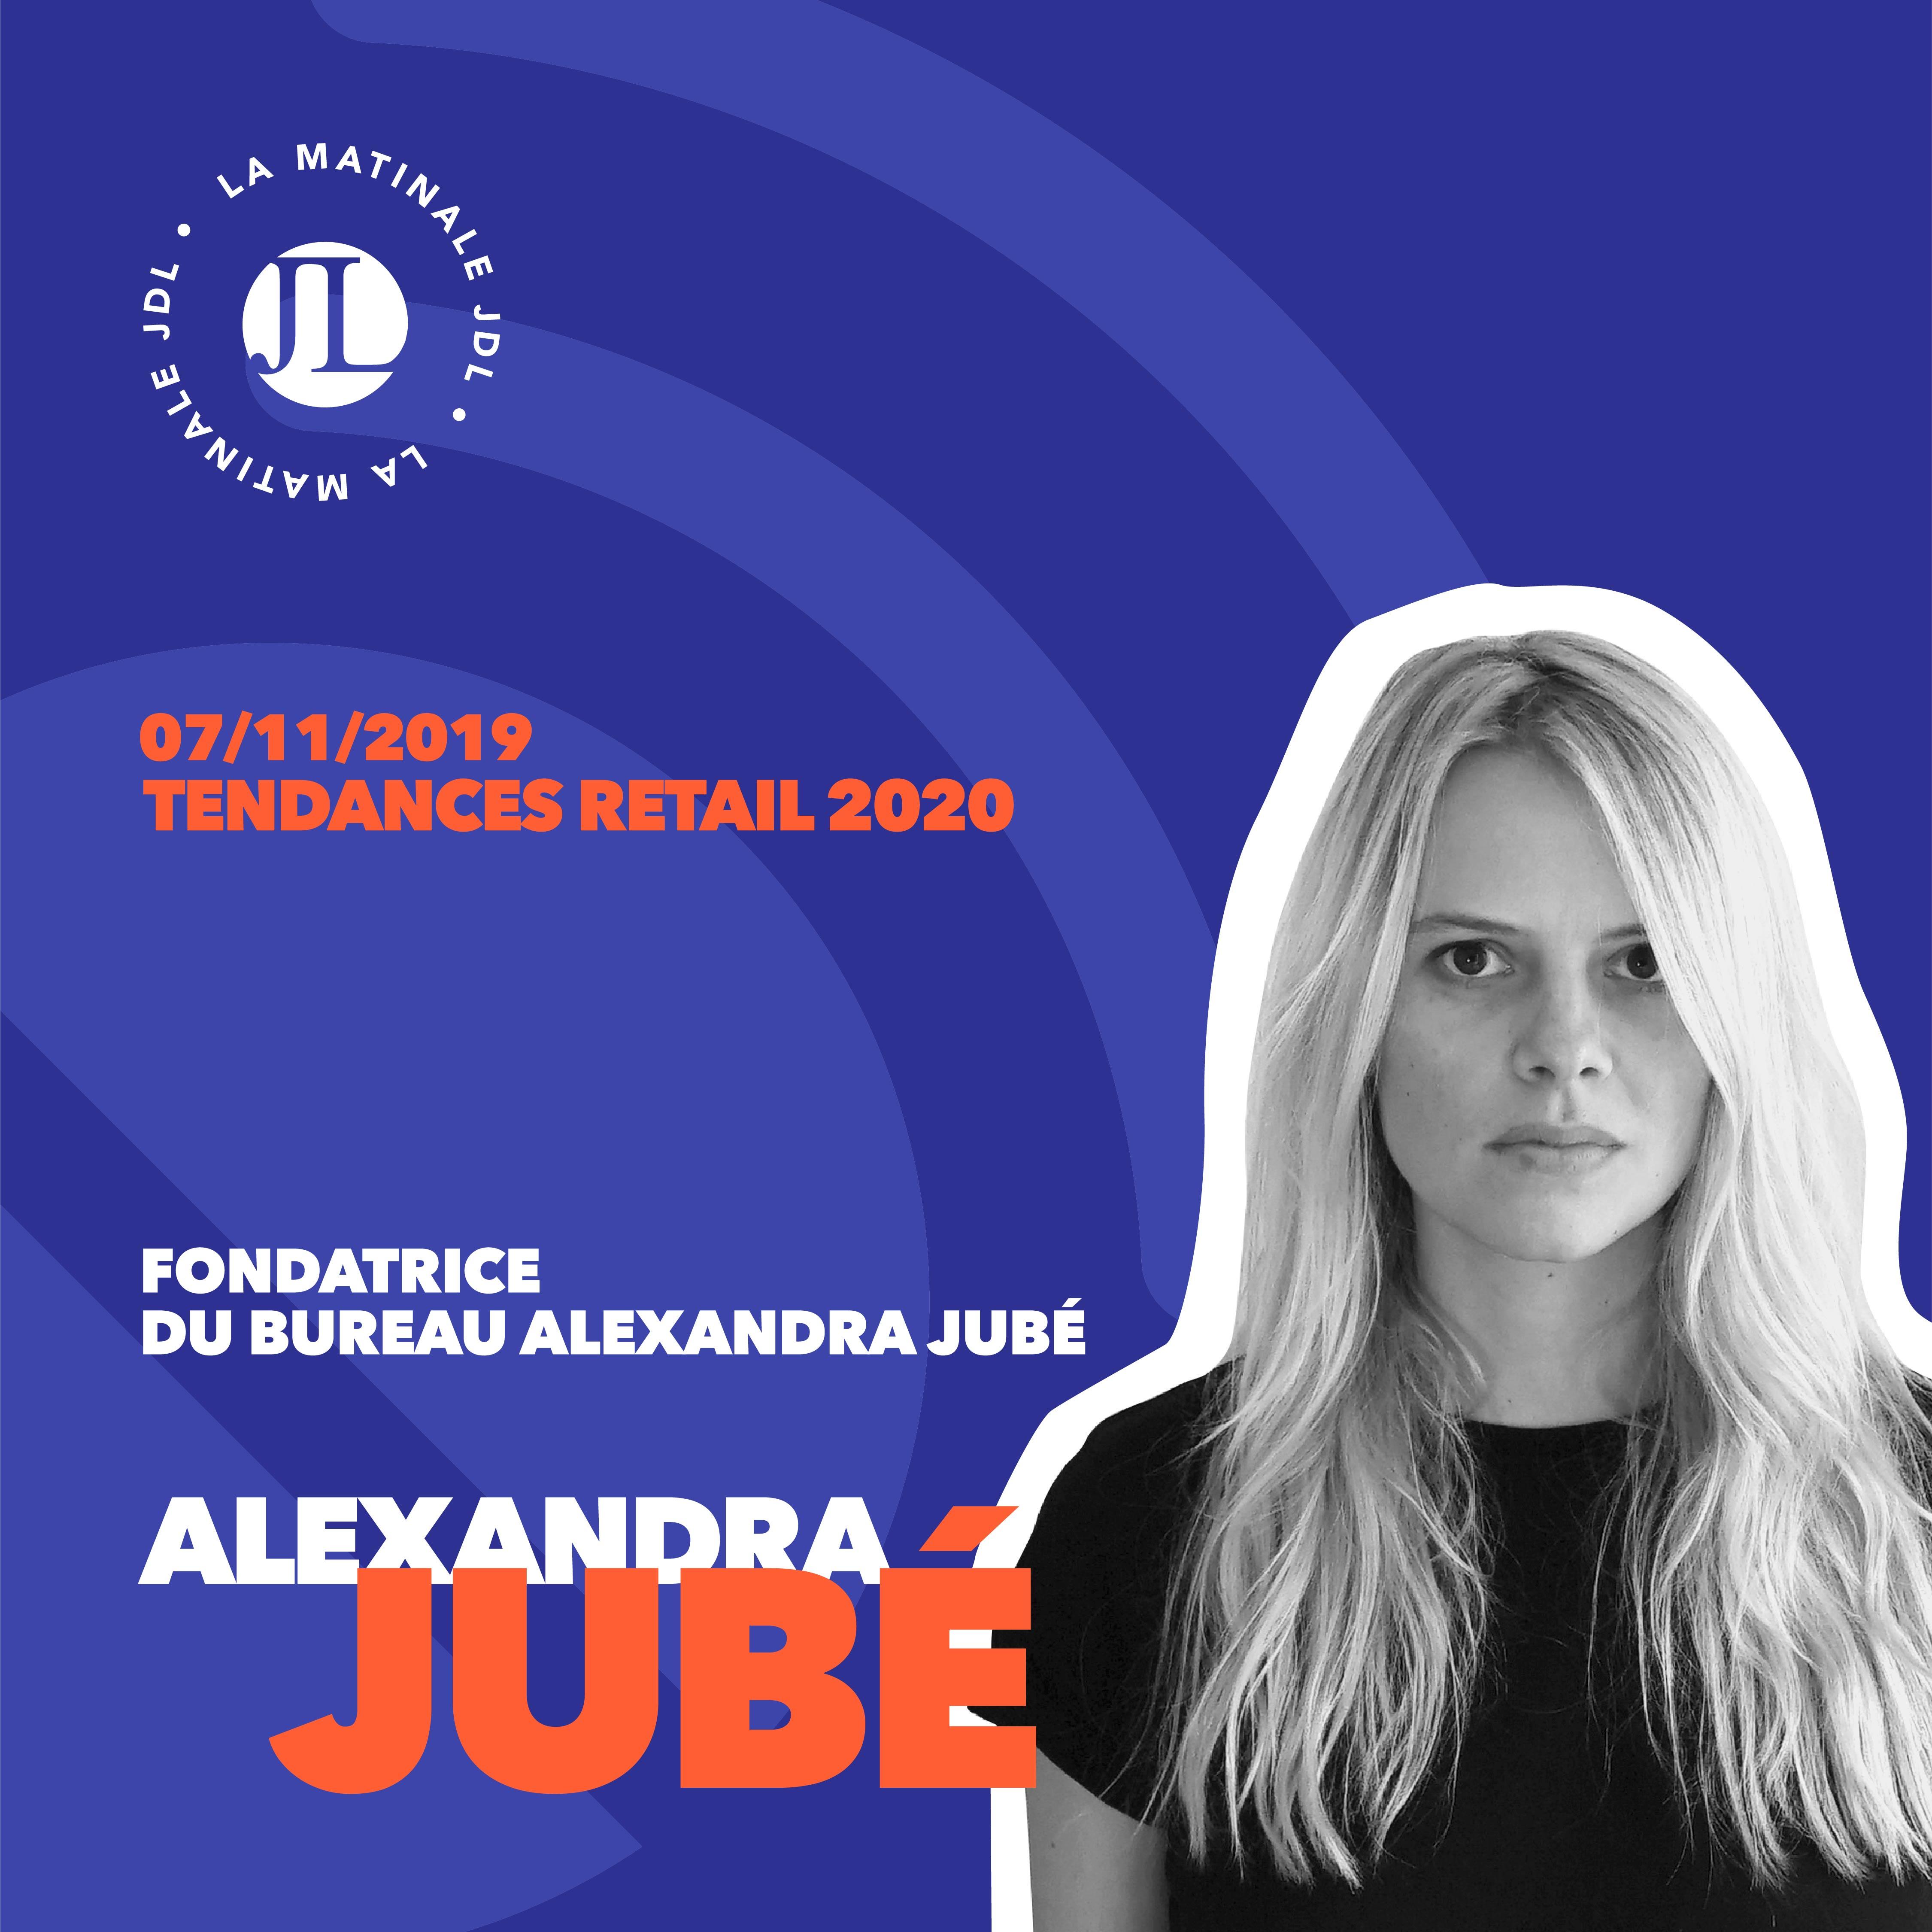 Alexandra Jubé, tendances retail